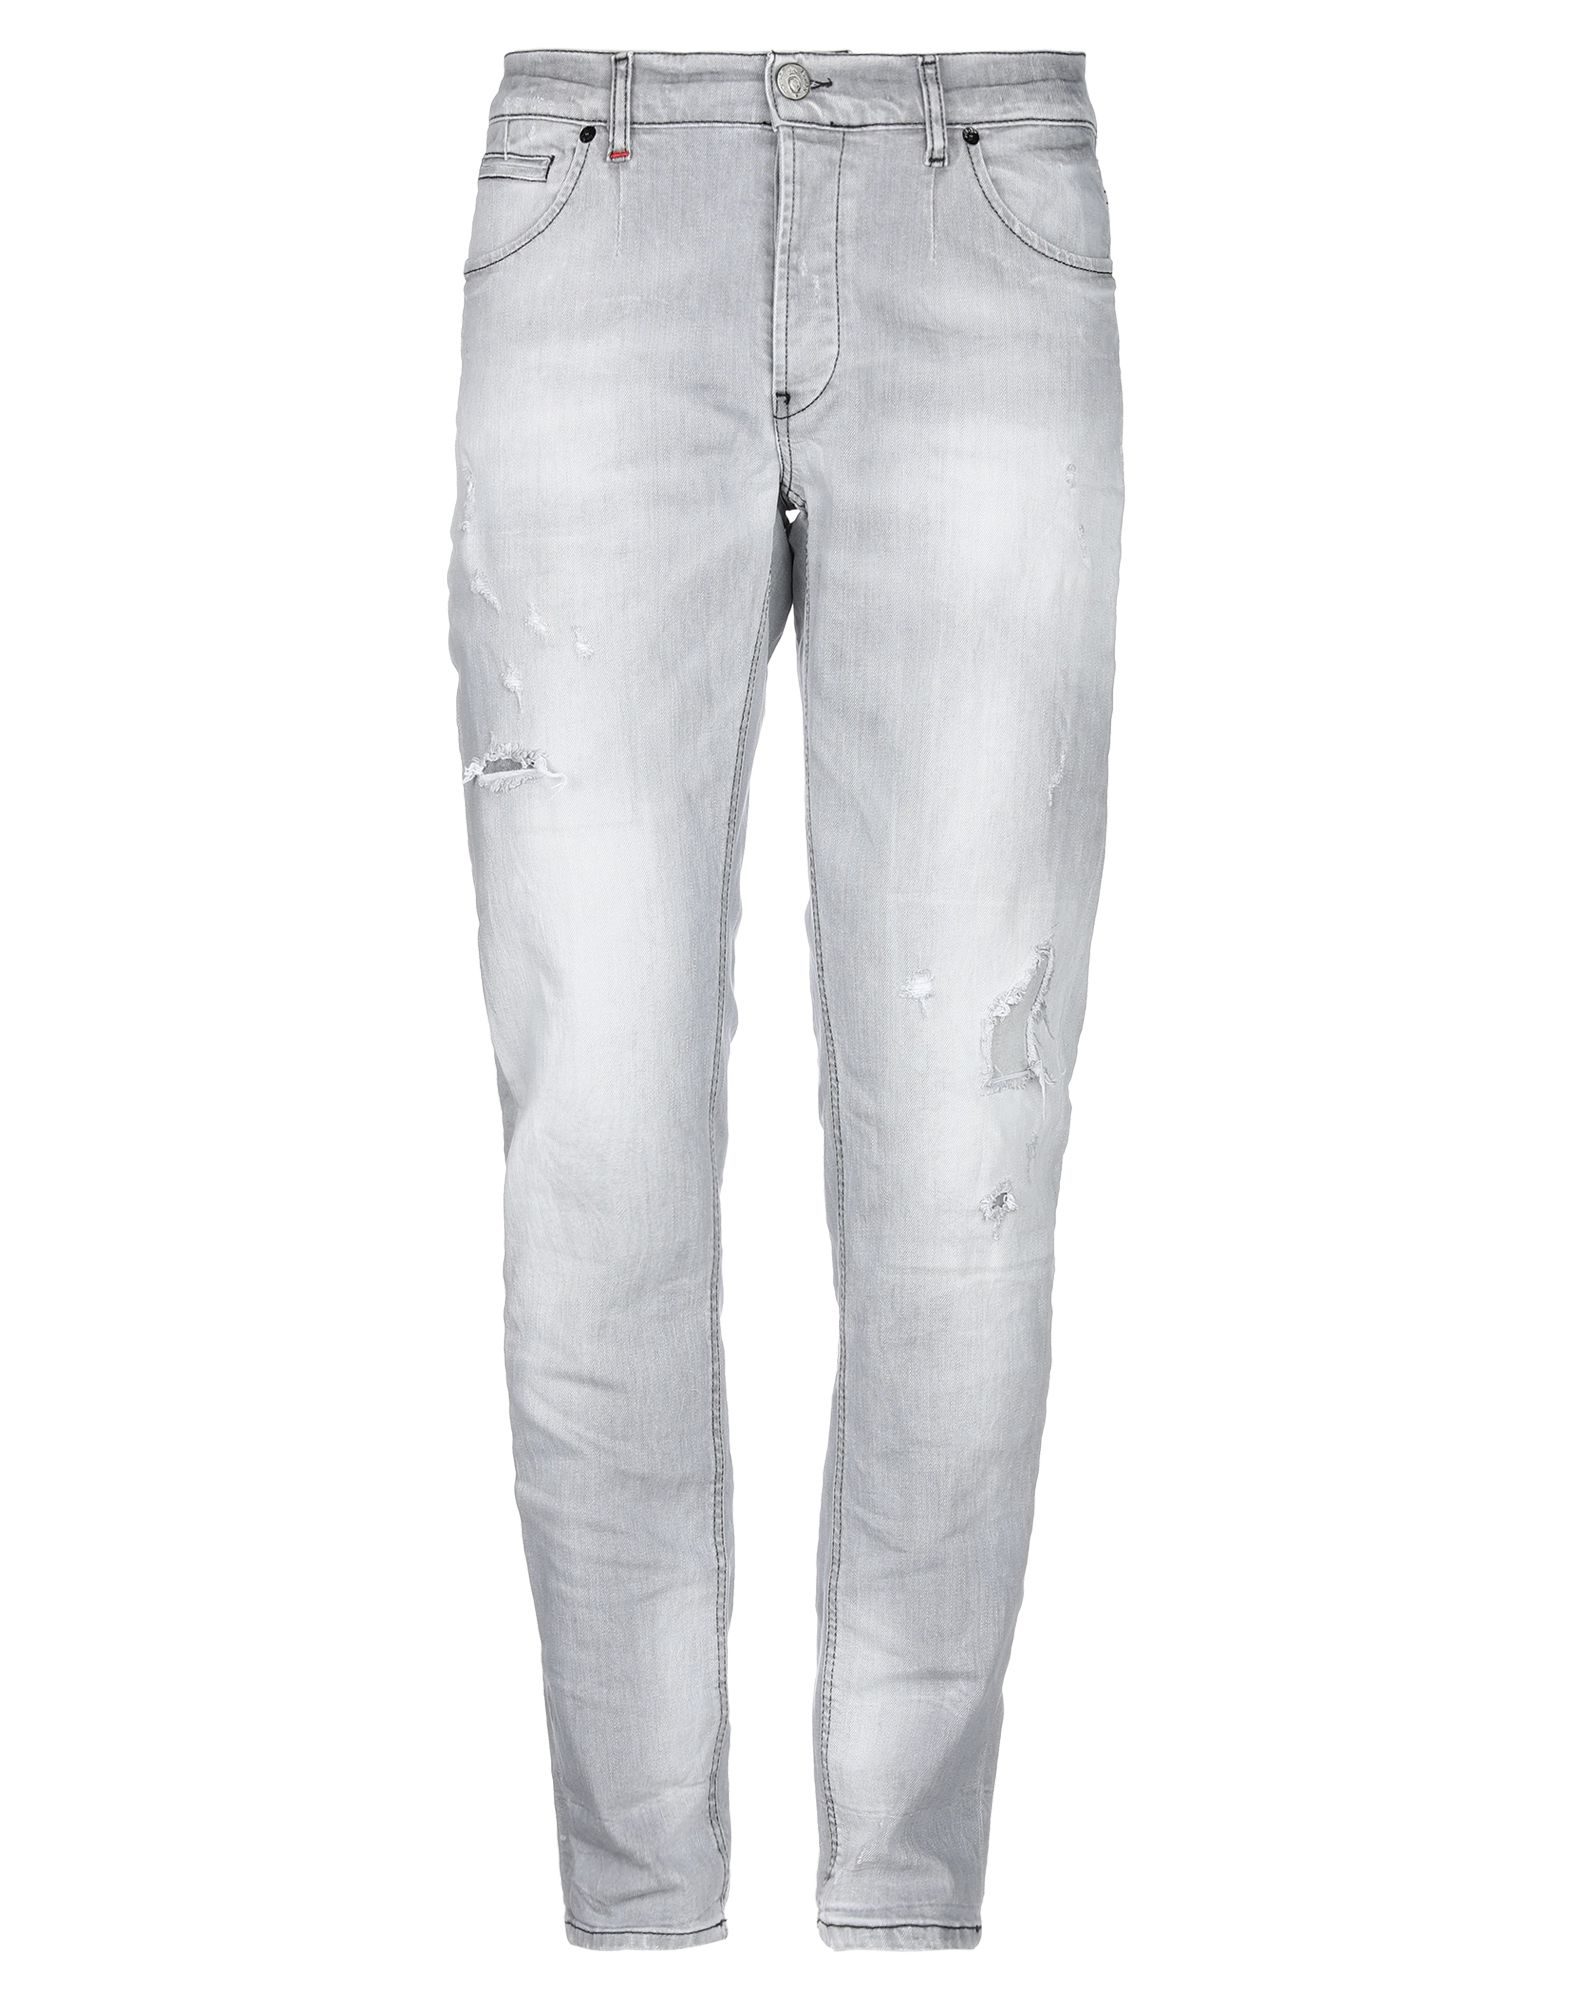 PMDS PREMIUM MOOD DENIM SUPERIOR Джинсовые брюки